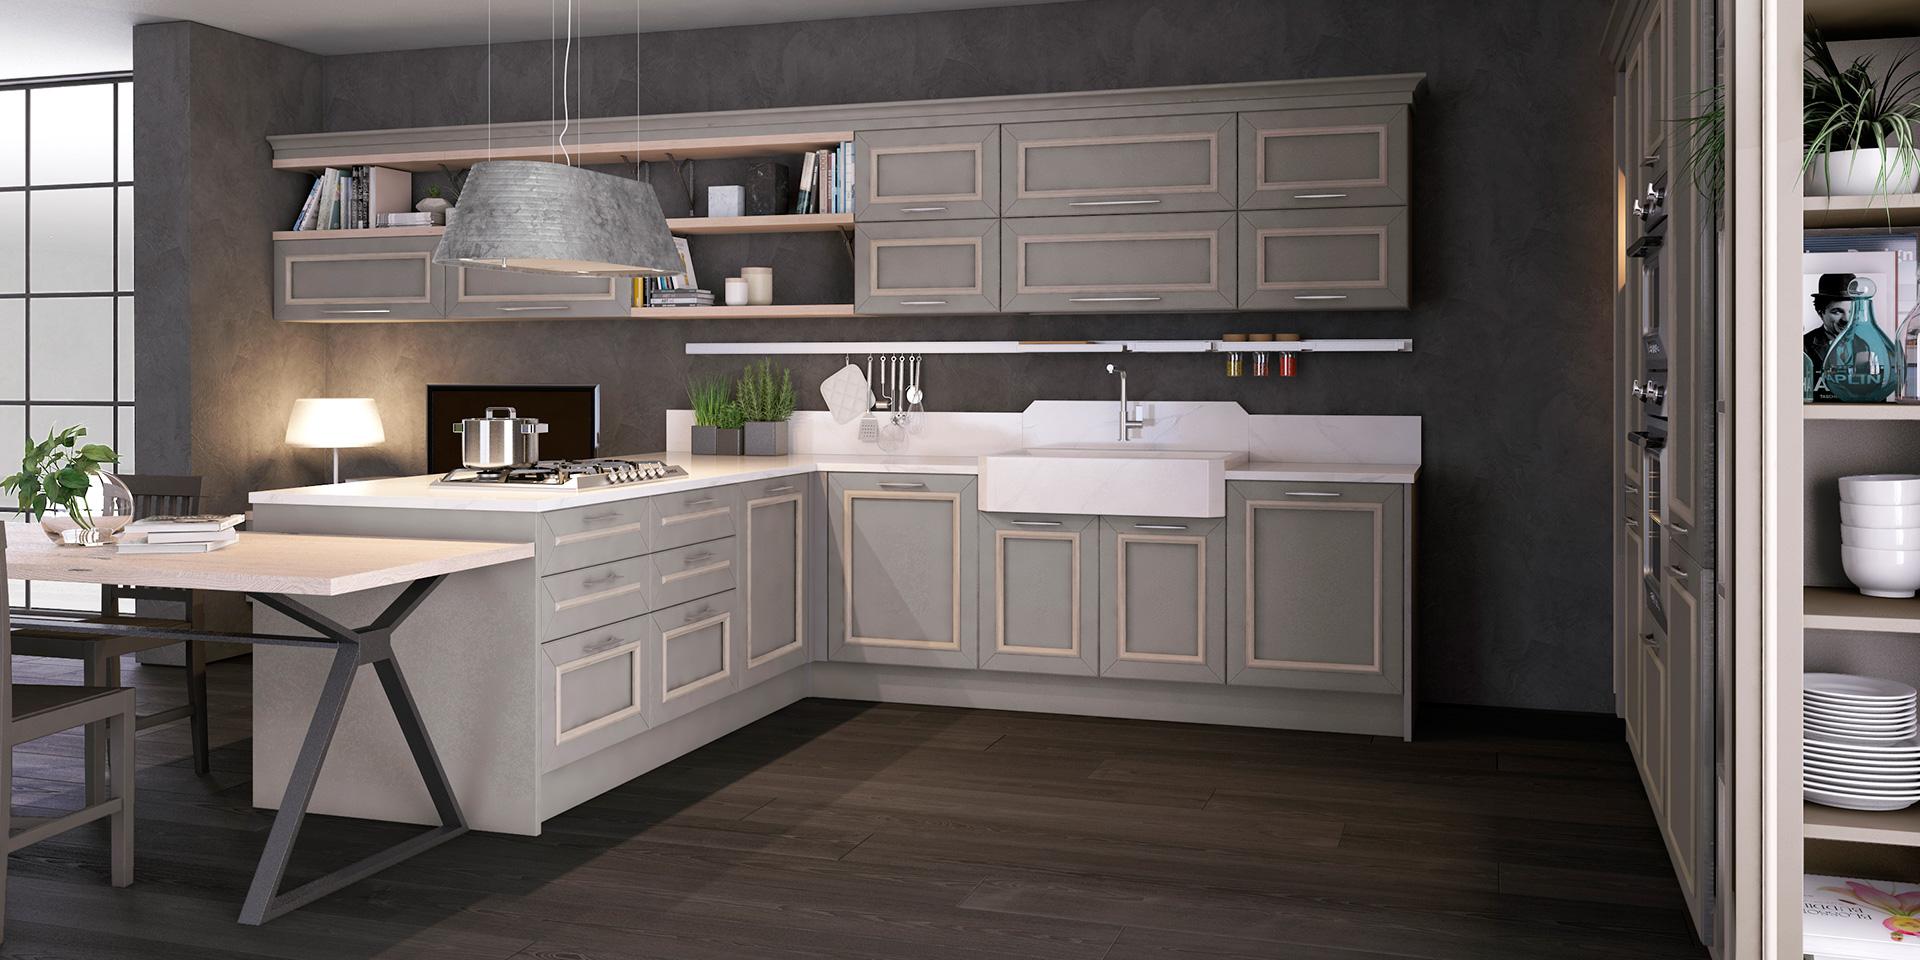 Gres Porcellanato Cucina Moderna.I Vantaggi Del Gres In Cucina Cucine Lube